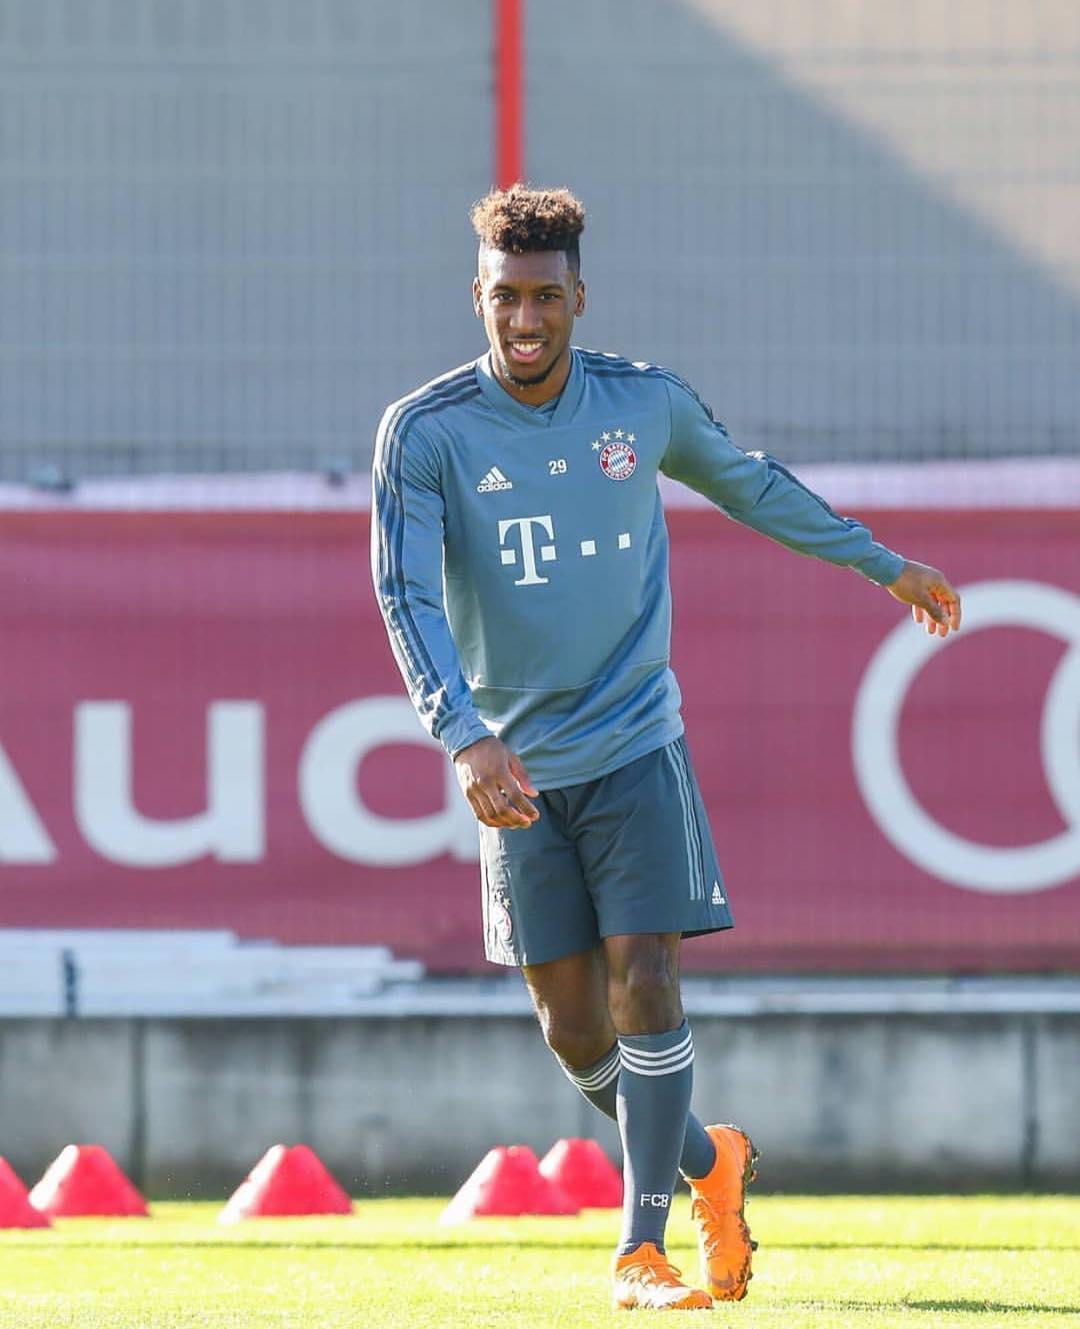 科曼:当然希望萨内能来,现在拜仁缺了两个边锋